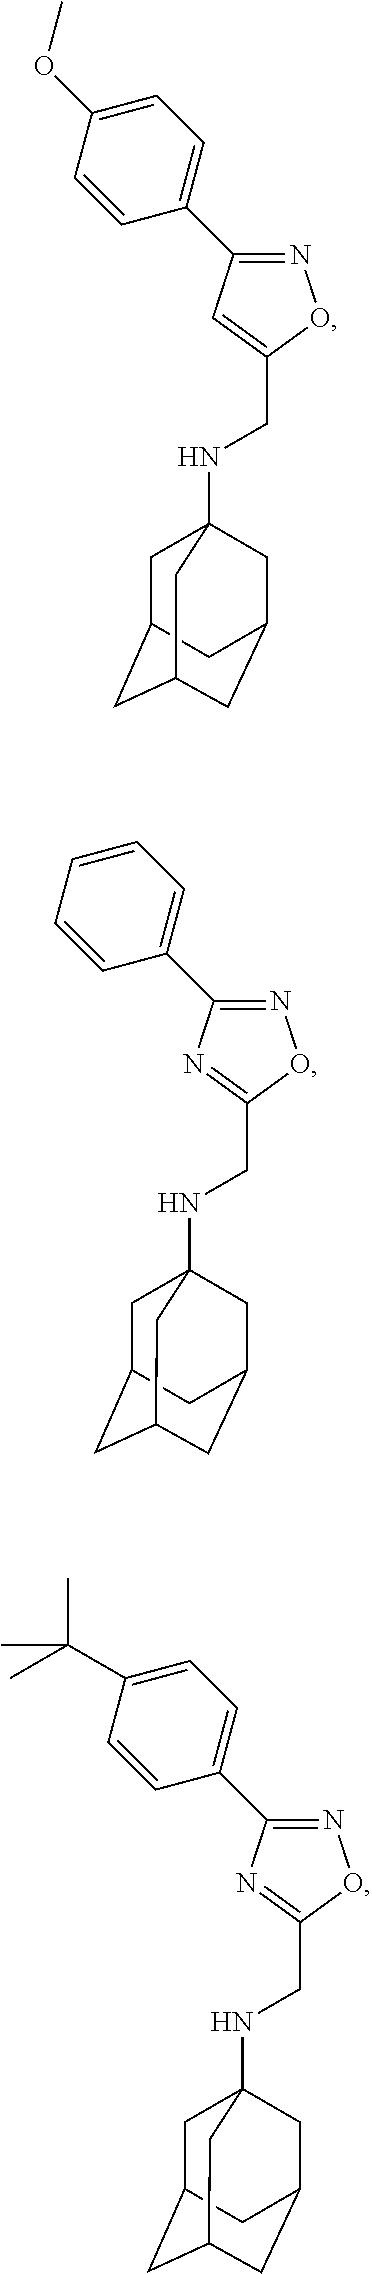 Figure US09884832-20180206-C00155